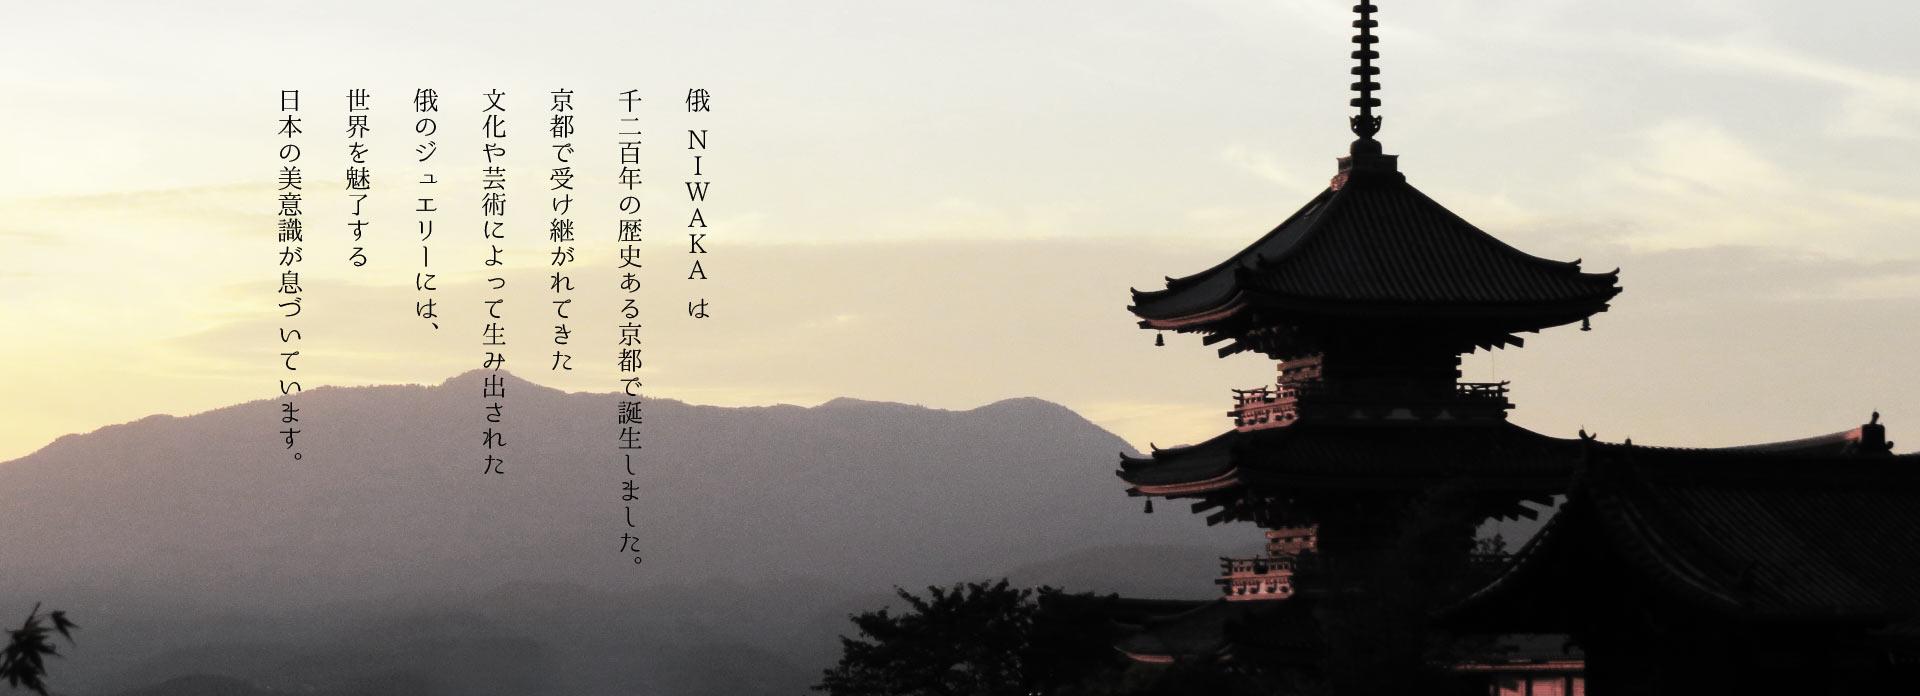 俄(にわか)NIWAKAは千二百年の歴史ある京都で誕生しました。京都で受け継がれてきた文化や芸術によって生み出された俄のジュエリーには、世界を魅了する日本の美意識が息づいています。